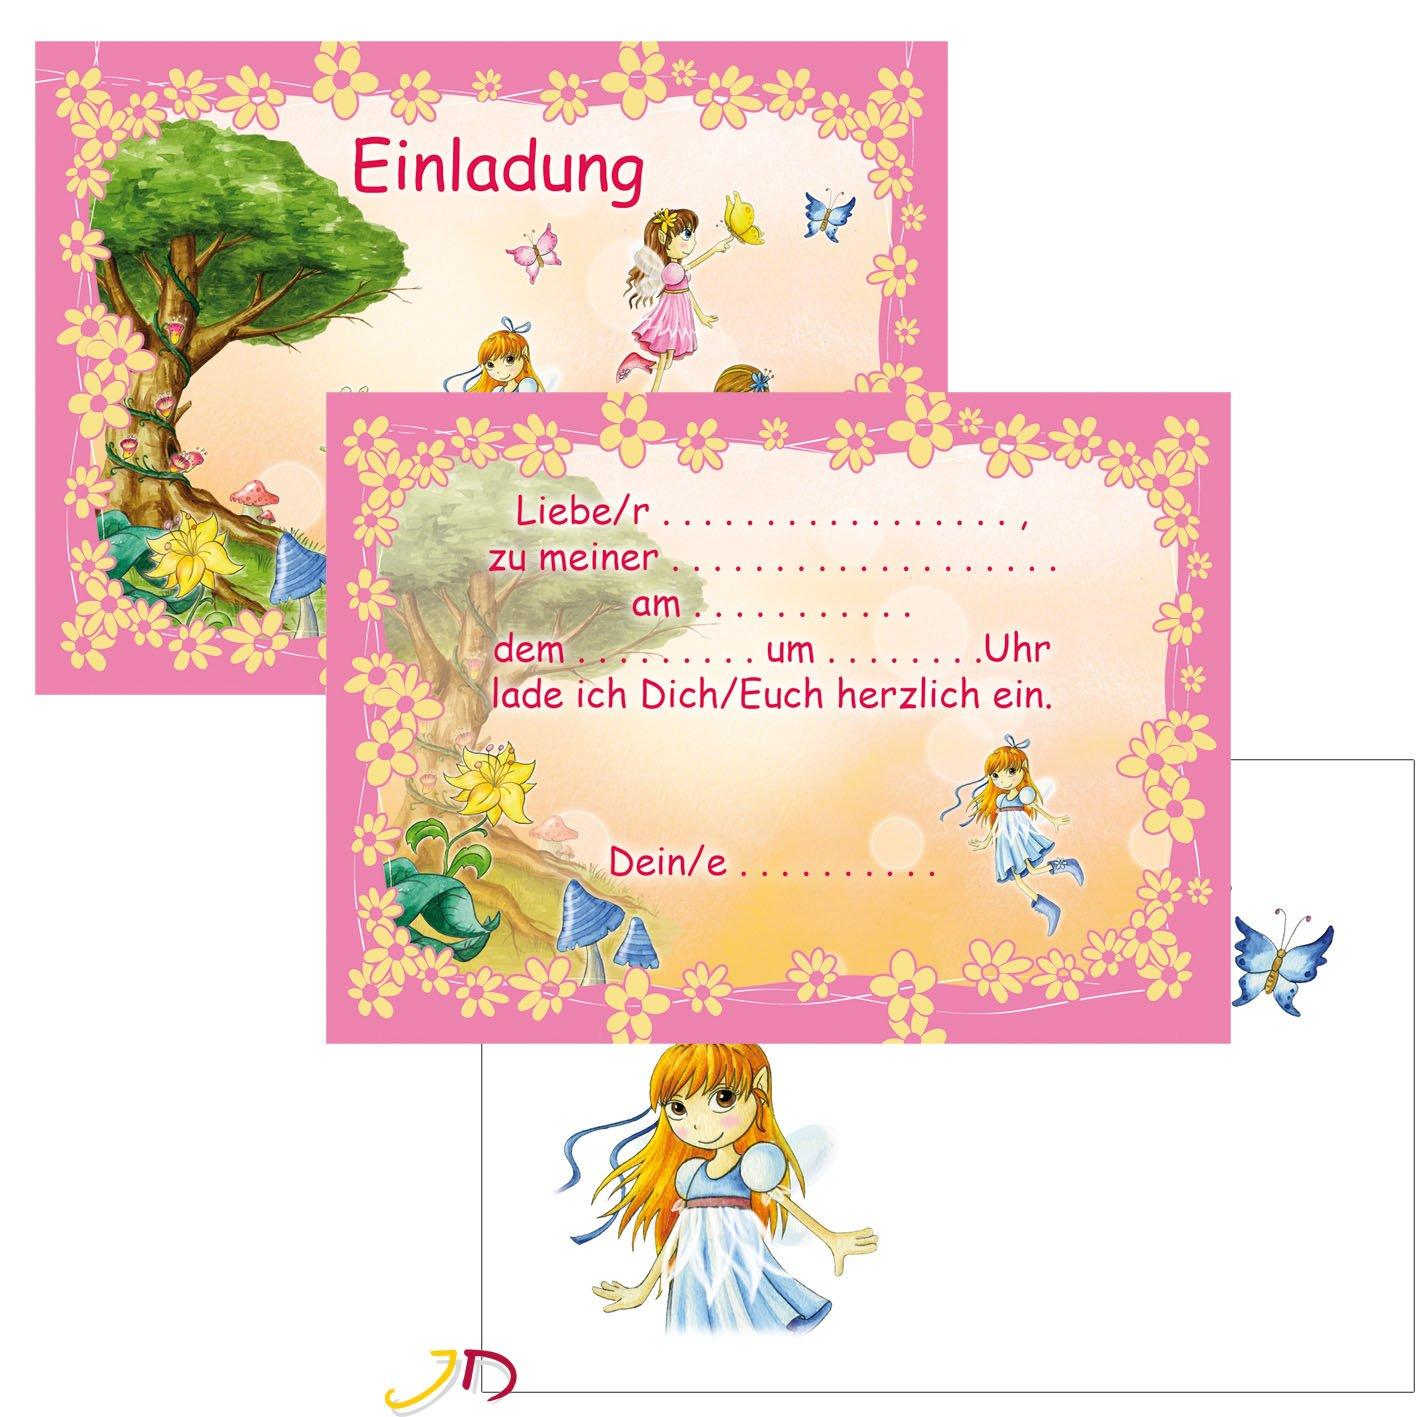 12 Teiliges Einladungen Set * FEEN U0026 ELFEN * Mit 6 Einladungskarten Und 6  Umschläge Für Kindergeburtstag // Kinder Geburtstag Party Einladung Karten  Fee ...